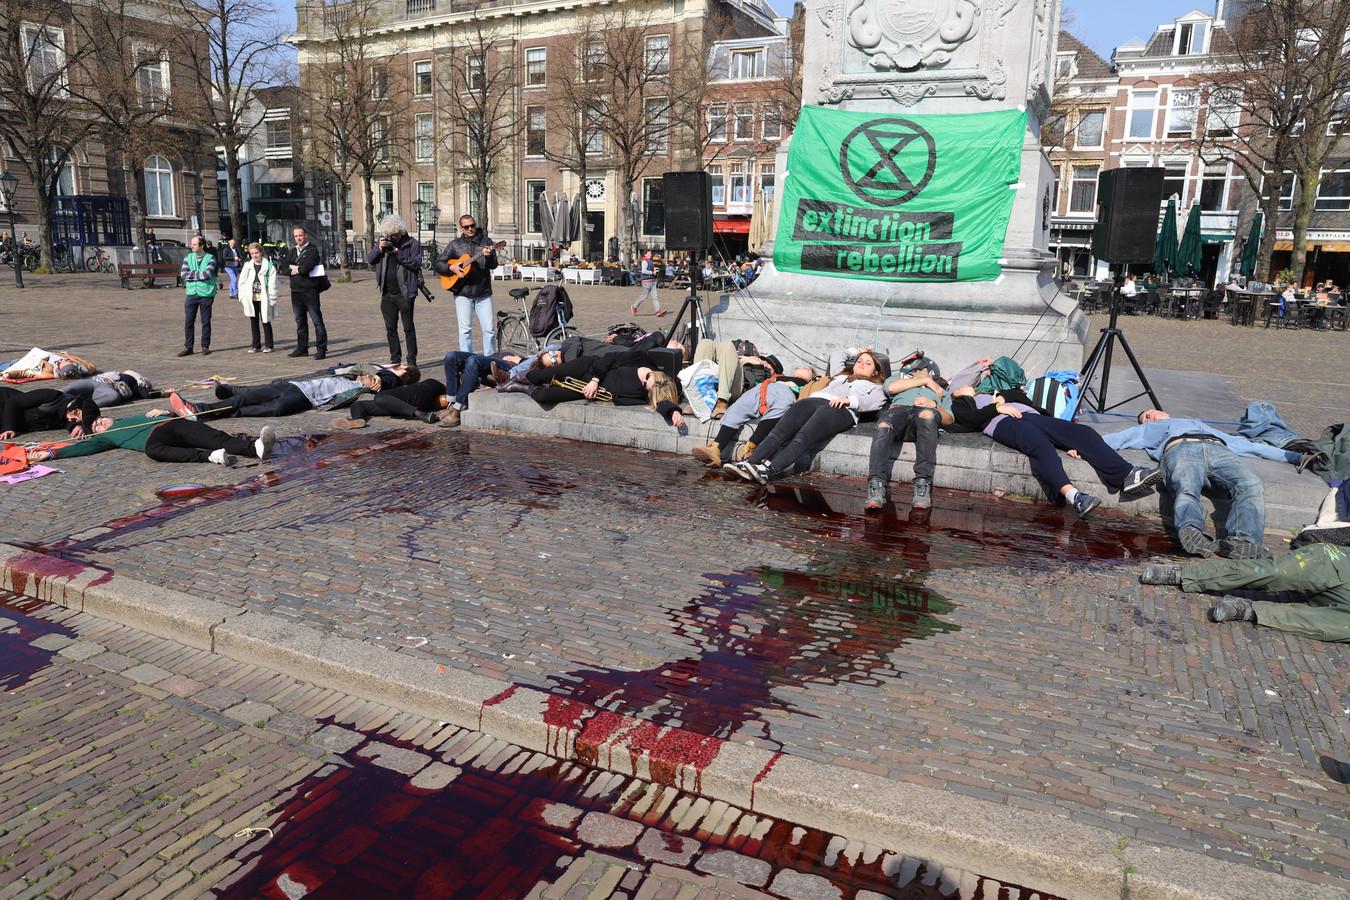 Emmers nepbloed op Plein in Den Haag. Demonstranten liggen op de grond.